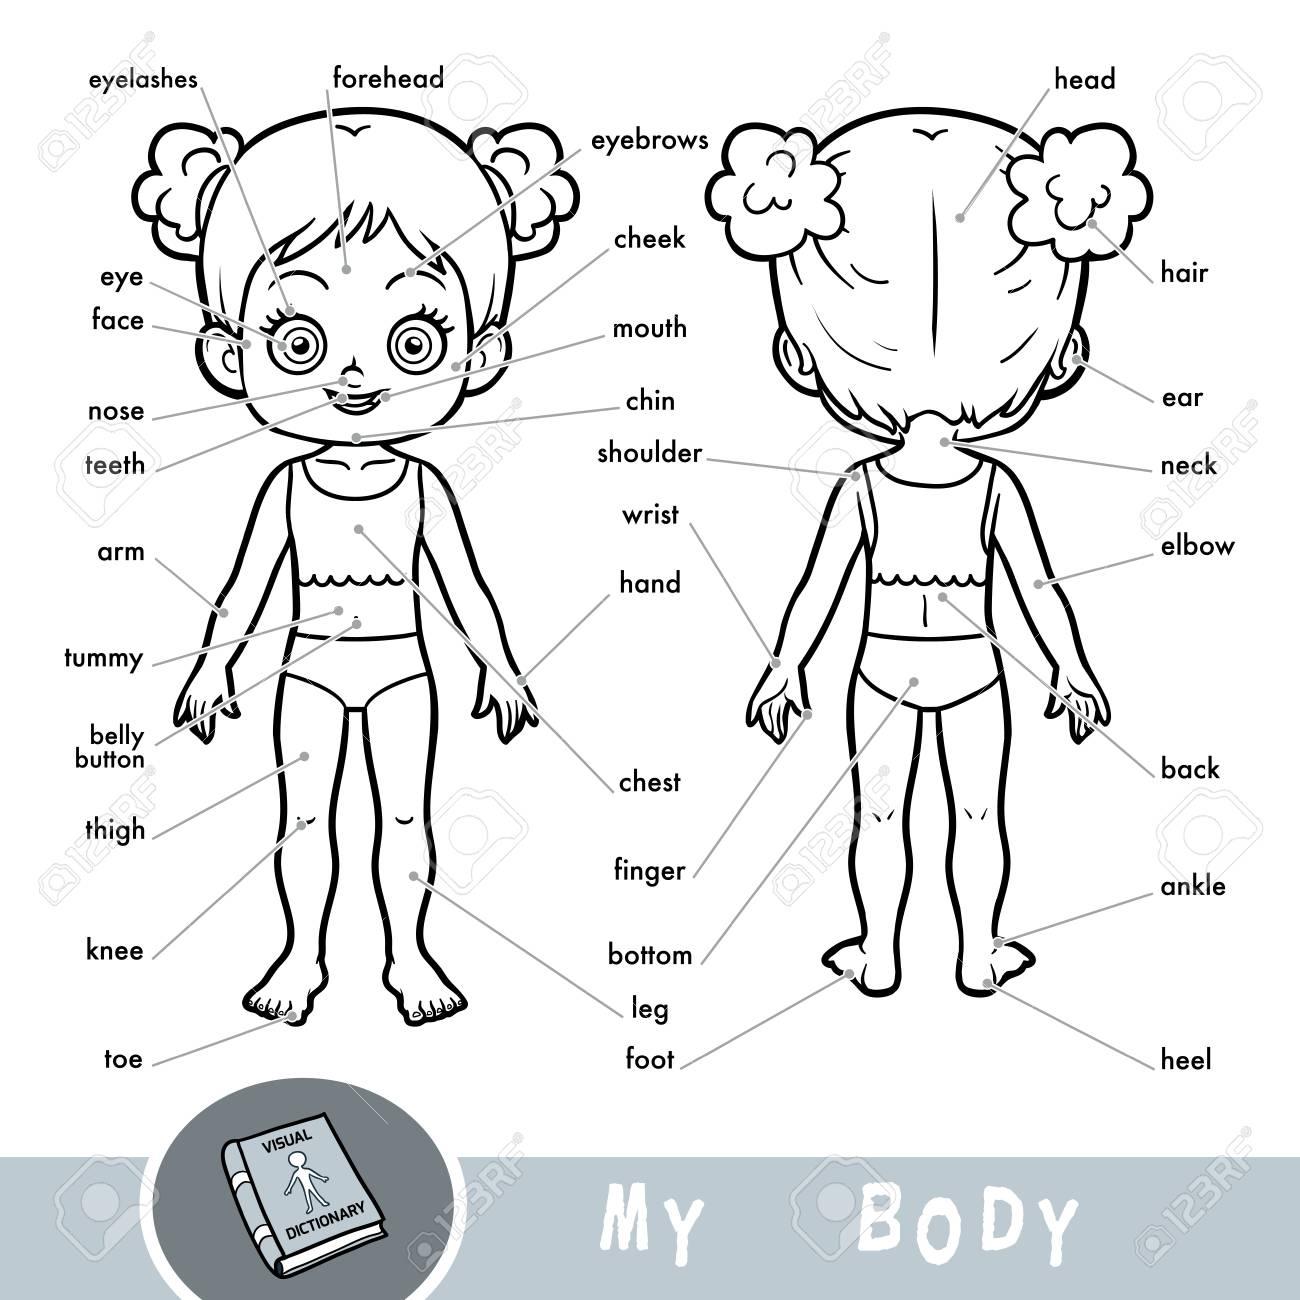 Dictionnaire Visuel De Dessin Animé Pour Enfants Sur Le Corps Humain. Les  Parties De Mon Corps Pour Une Fille. intérieur Le Corps Humain En Maternelle